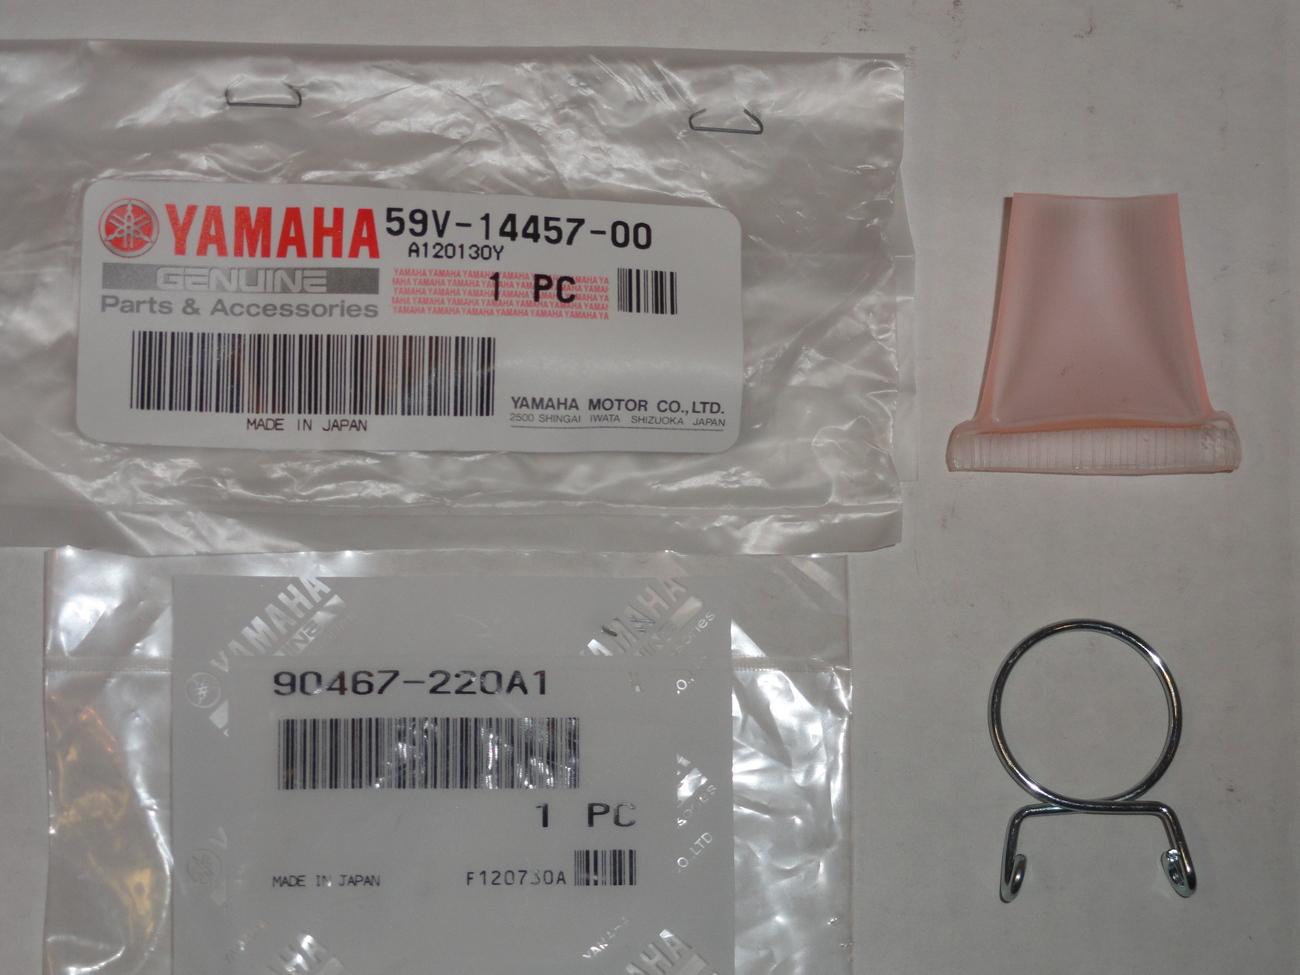 Airbox Air Box Lid Cover Cap OEM Yamaha Raptor YFM700R YFM700 700R 700 R